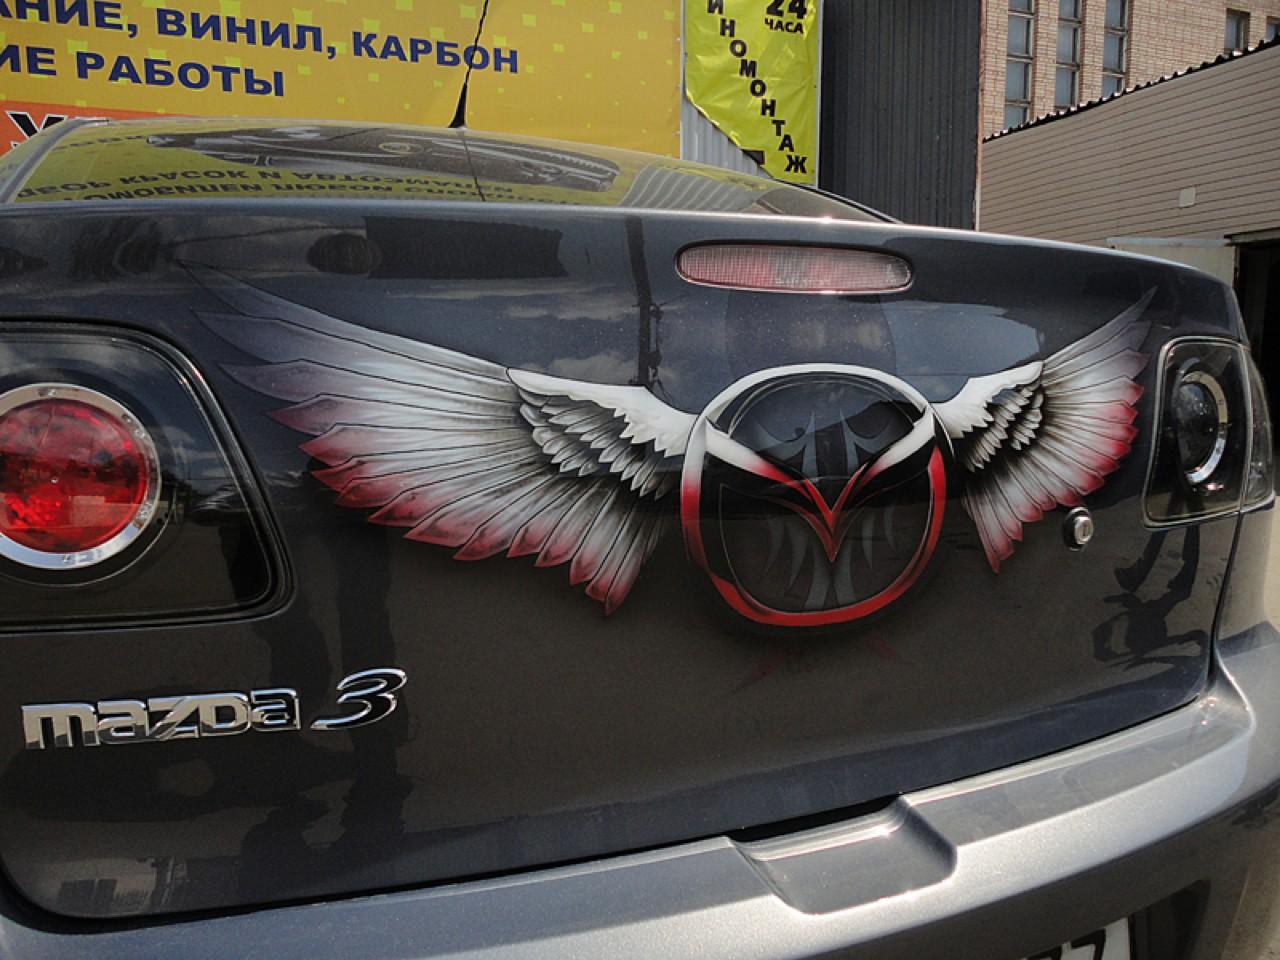 سيارات رائعة بلوحات فنية طبيعية اروع Russia-airbrush-cars-2